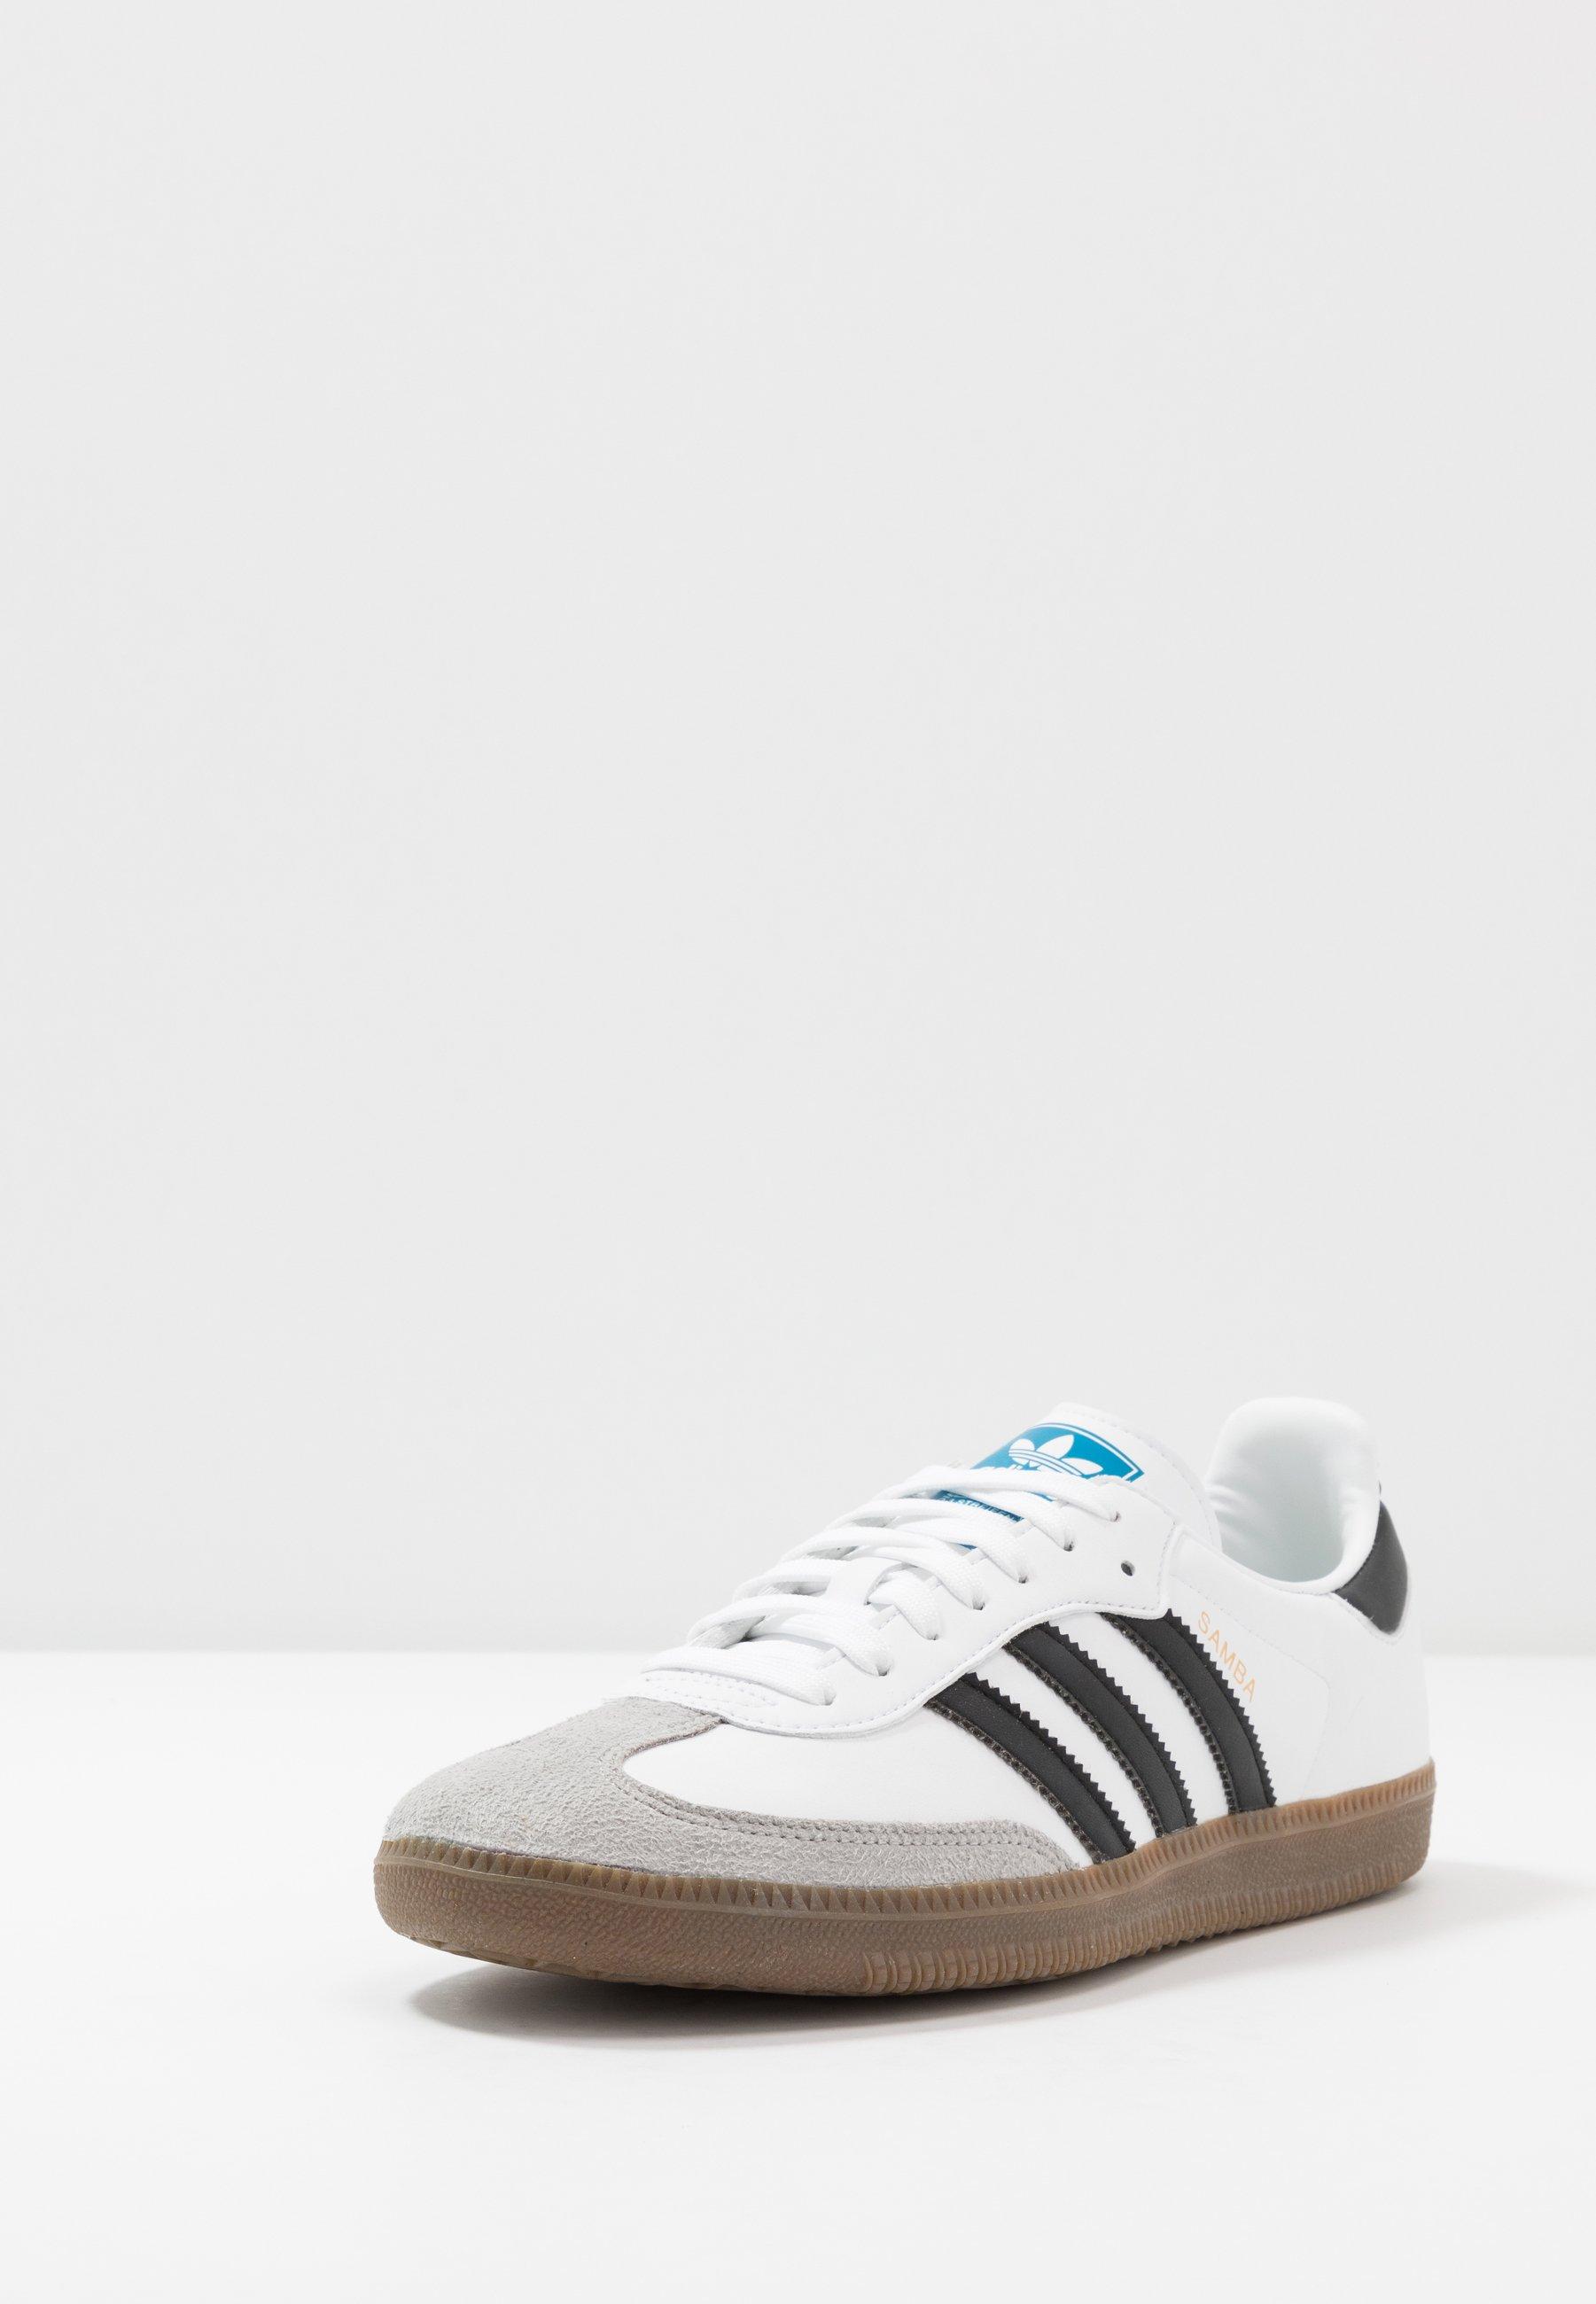 SAMBA VEGAN Sneakers footwear whitecore black